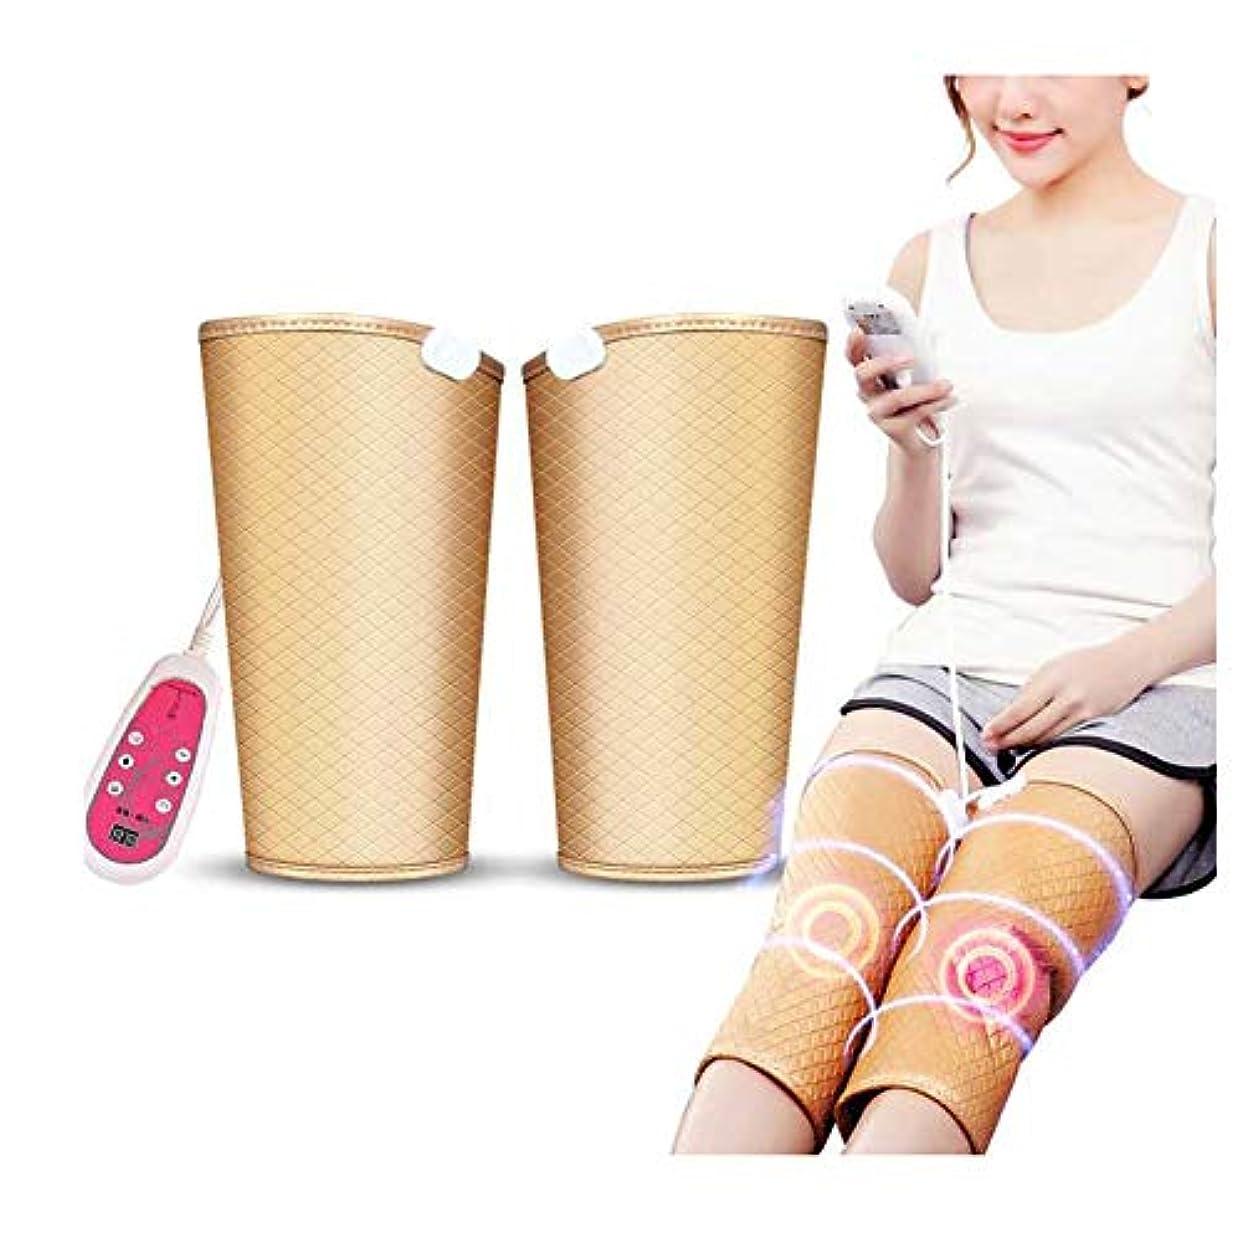 カストディアンモーテル電圧9種類のマッサージモードと5種類の速度を備えた加熱式膝装具-膝治療用膝セラピーマッサージャー-加熱膝パッド